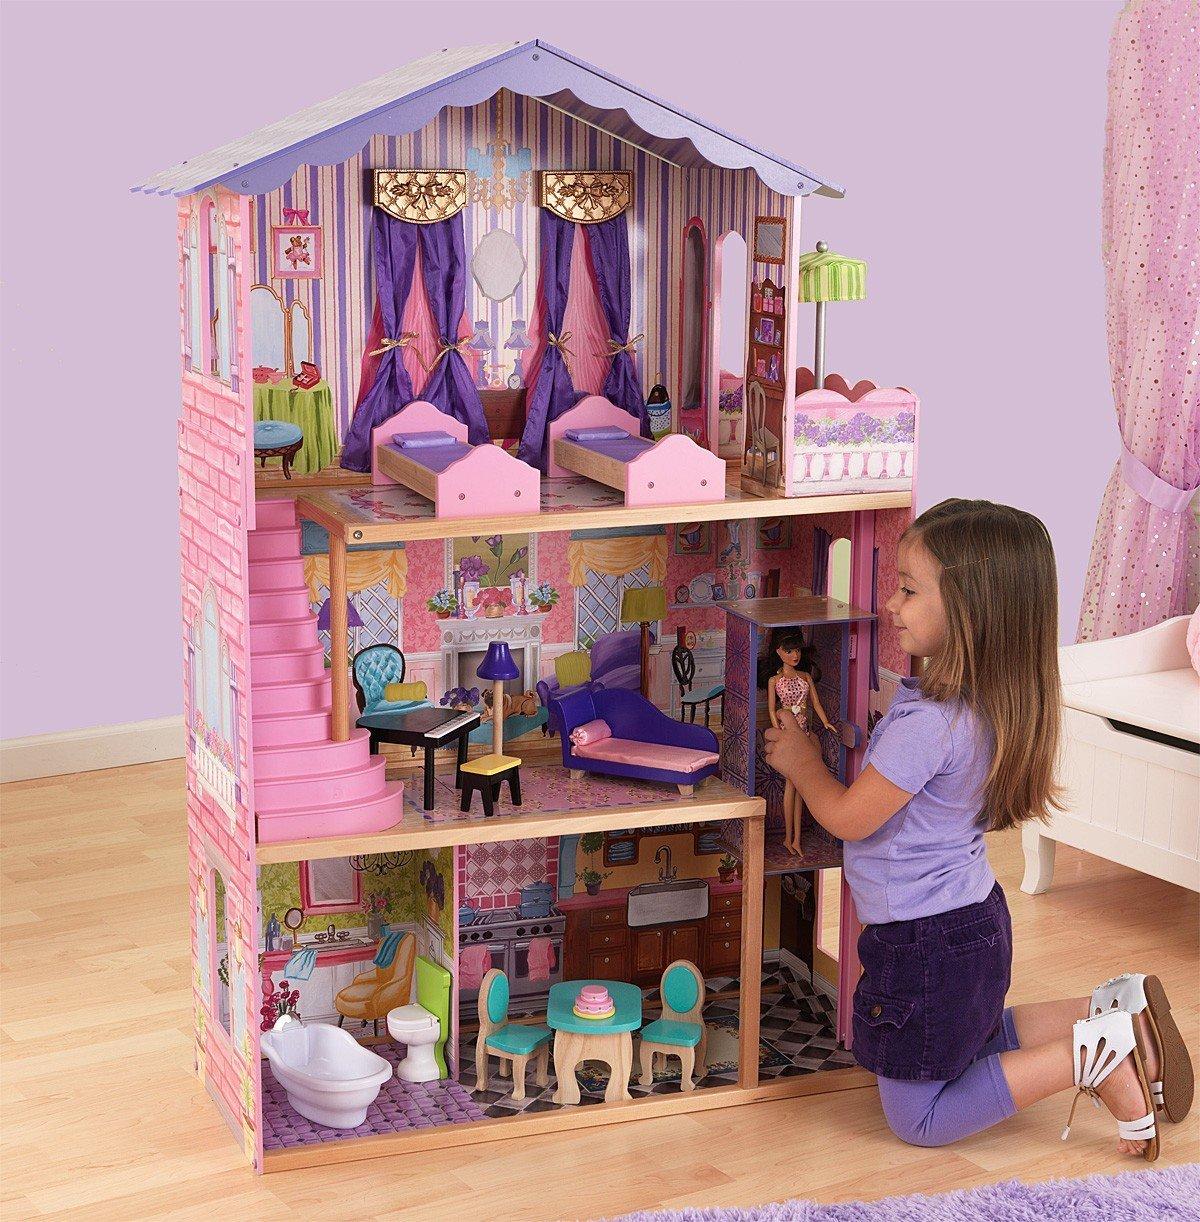 Casa di barbie casa delle bambole la casa dei miei sogni for Progetta la mia casa dei sogni